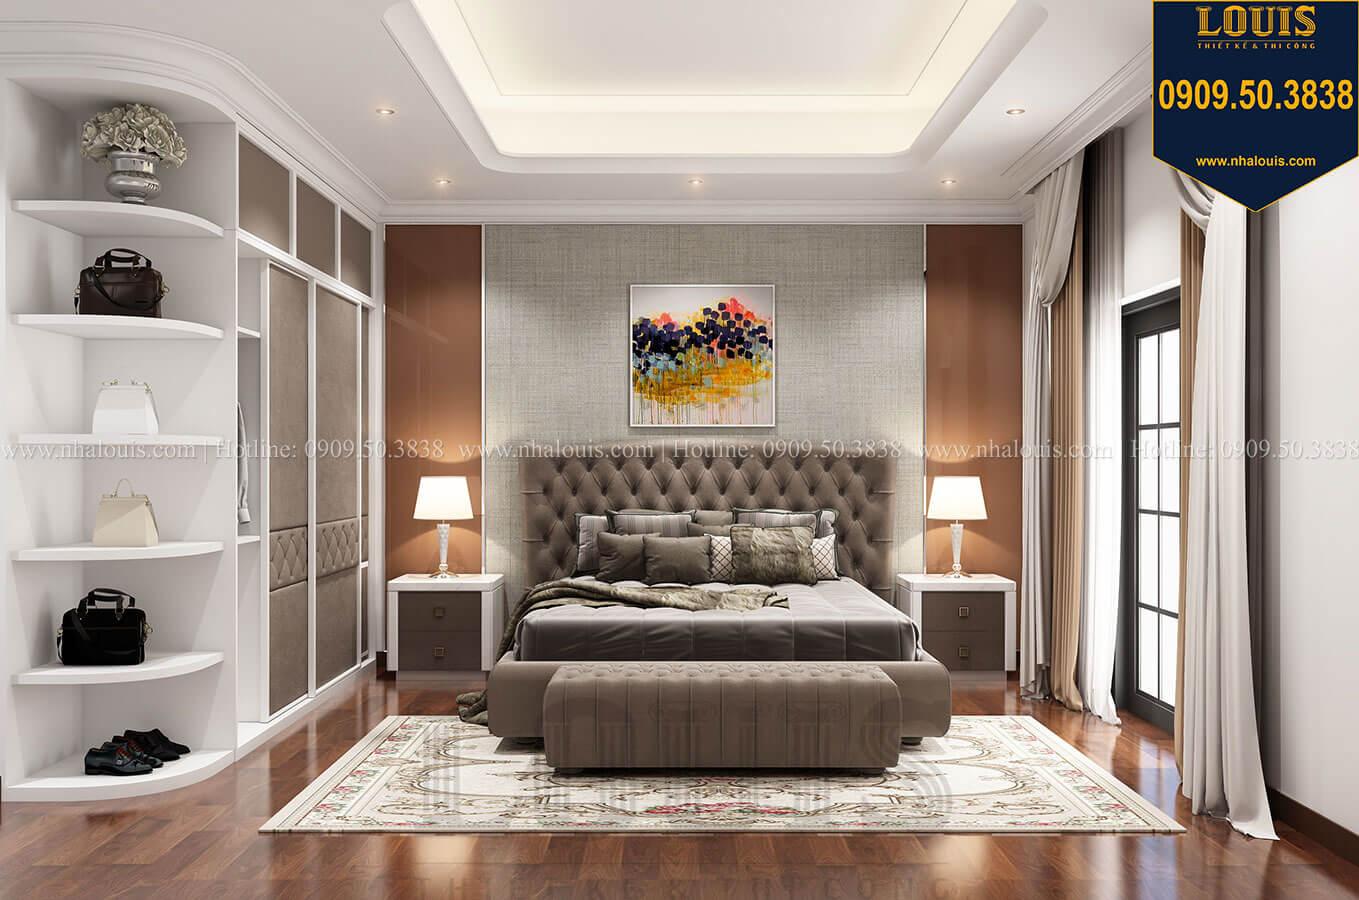 Phòng ngủ master Thiết kế nhà tân cổ điển 6 tầng phong cách thời thượng tại Bình Chánh - 18